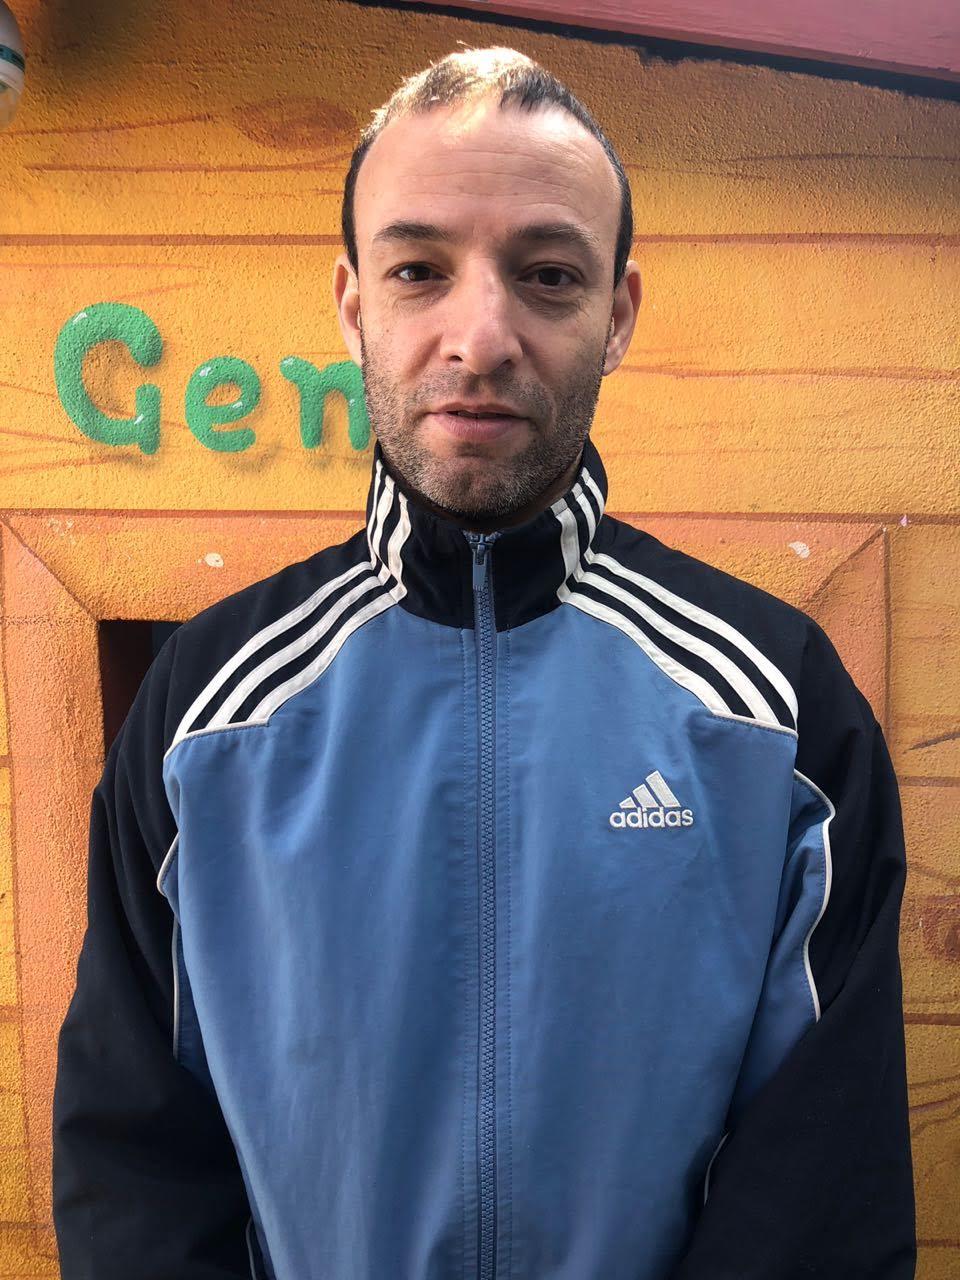 Franci Volta - Professor de Educação física